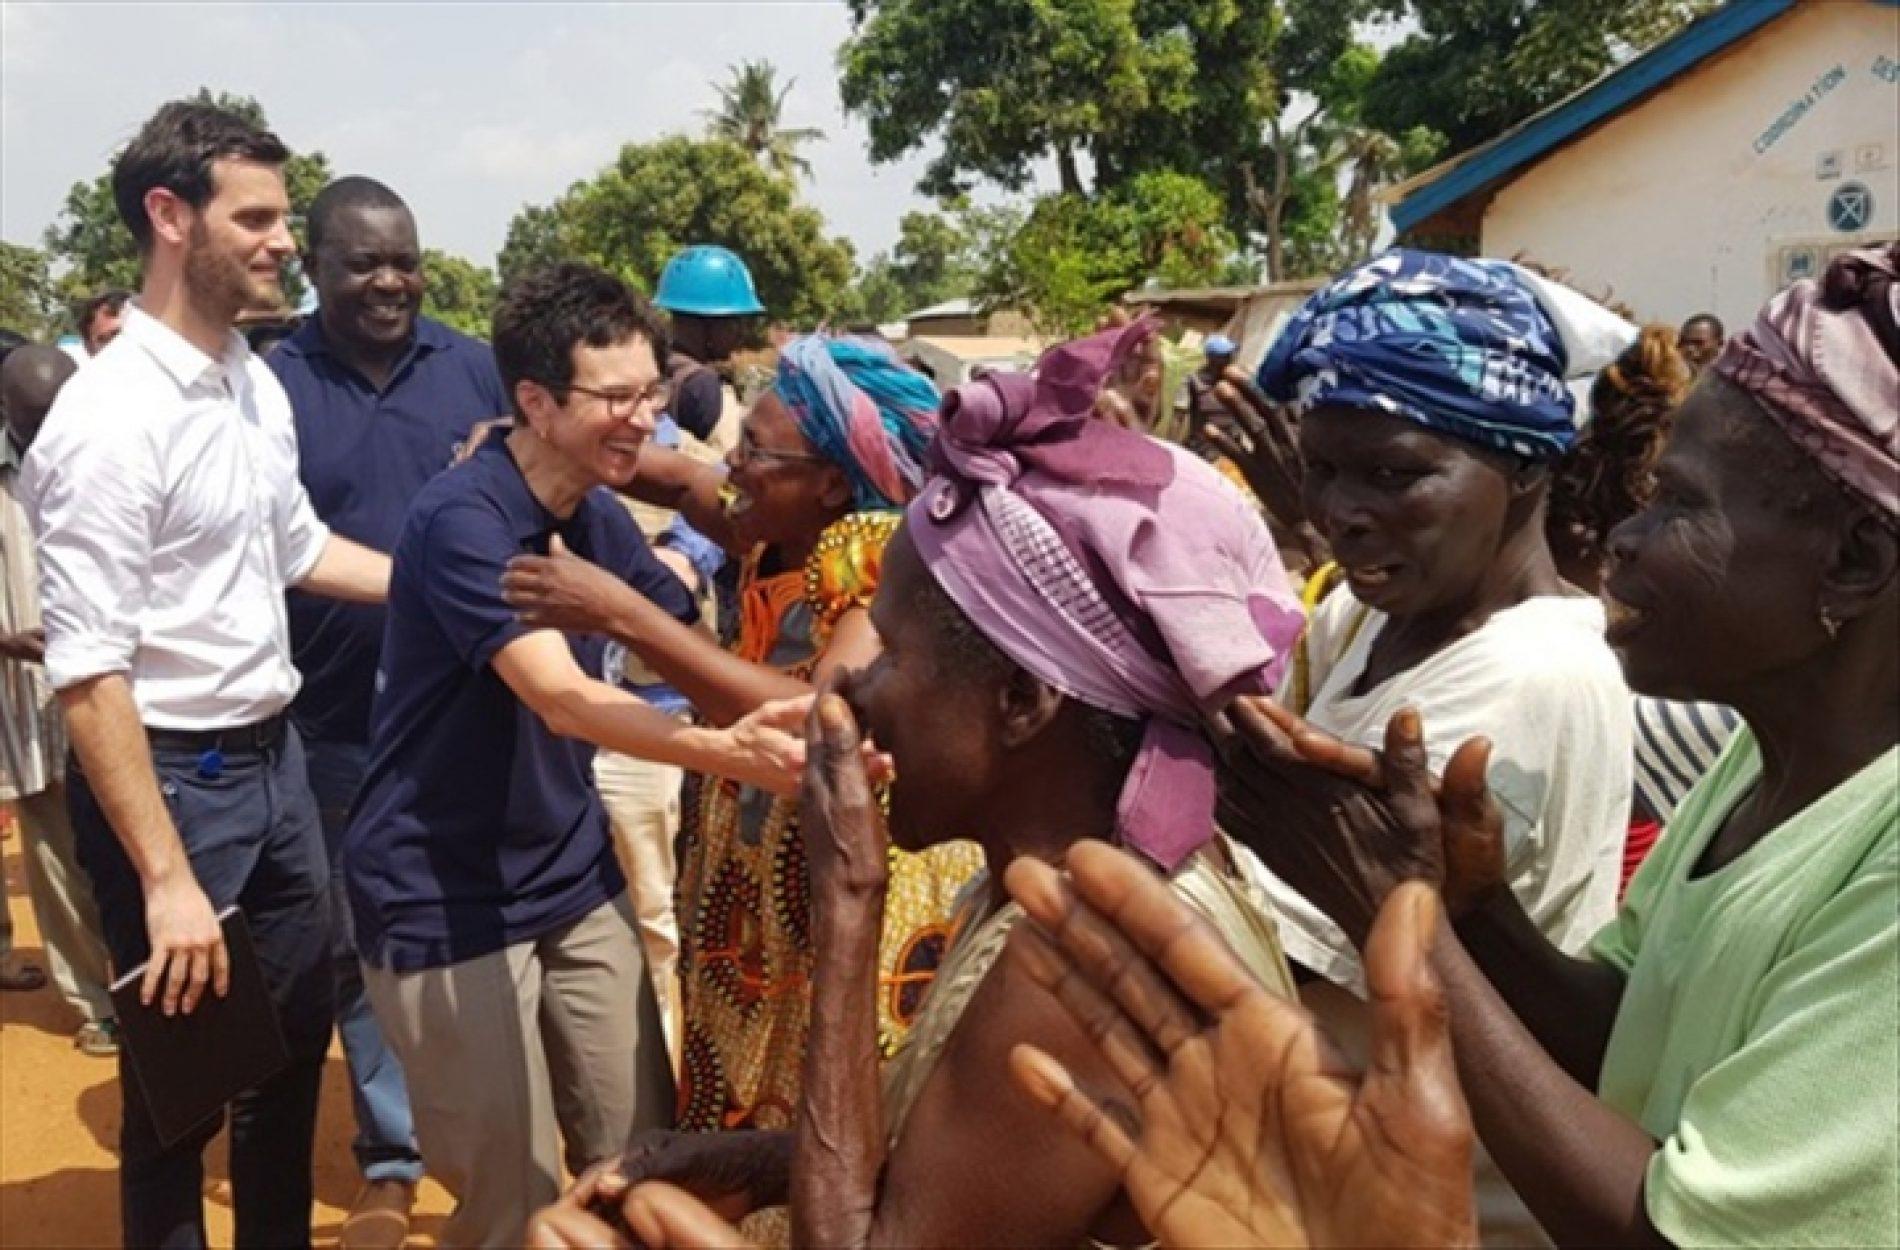 Gestion des réfugiésau Cameroun: l'ONU octroie une enveloppe de 5 milliards